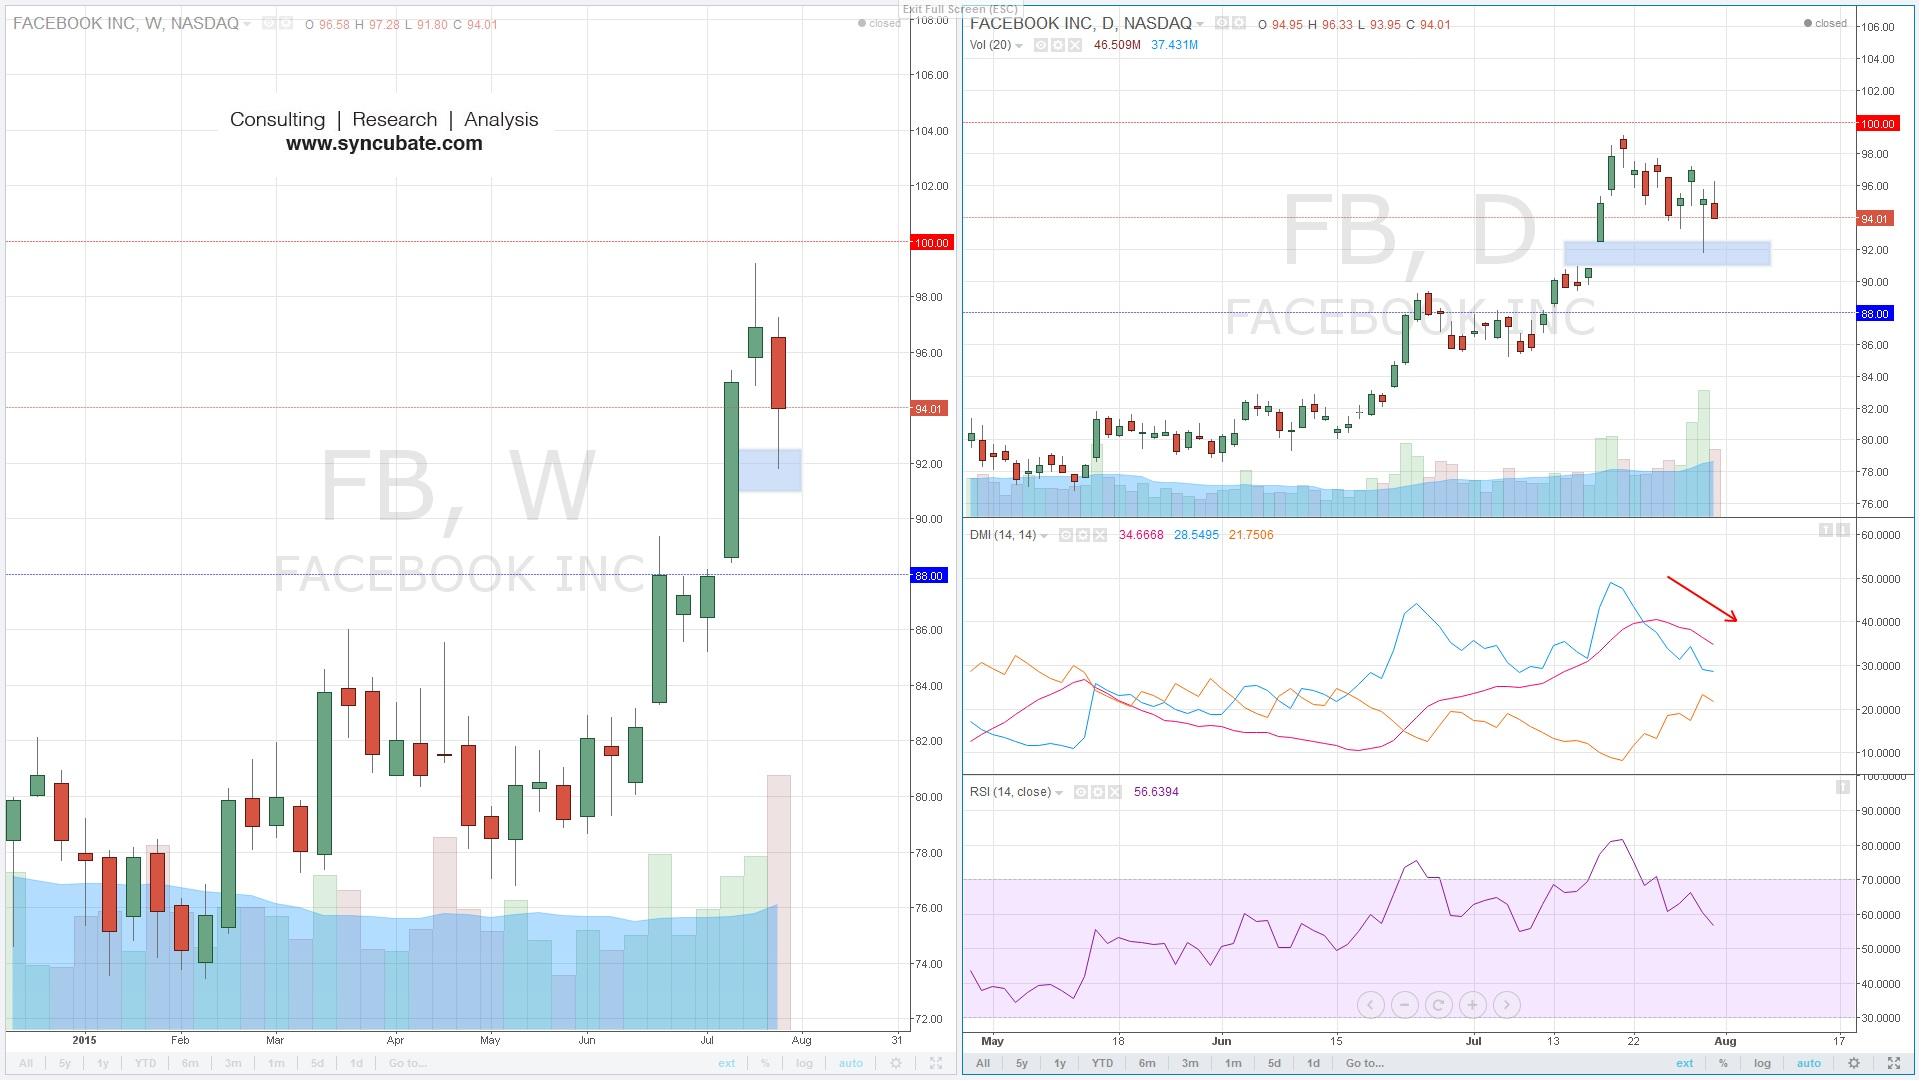 $FB : Facebook Inc.